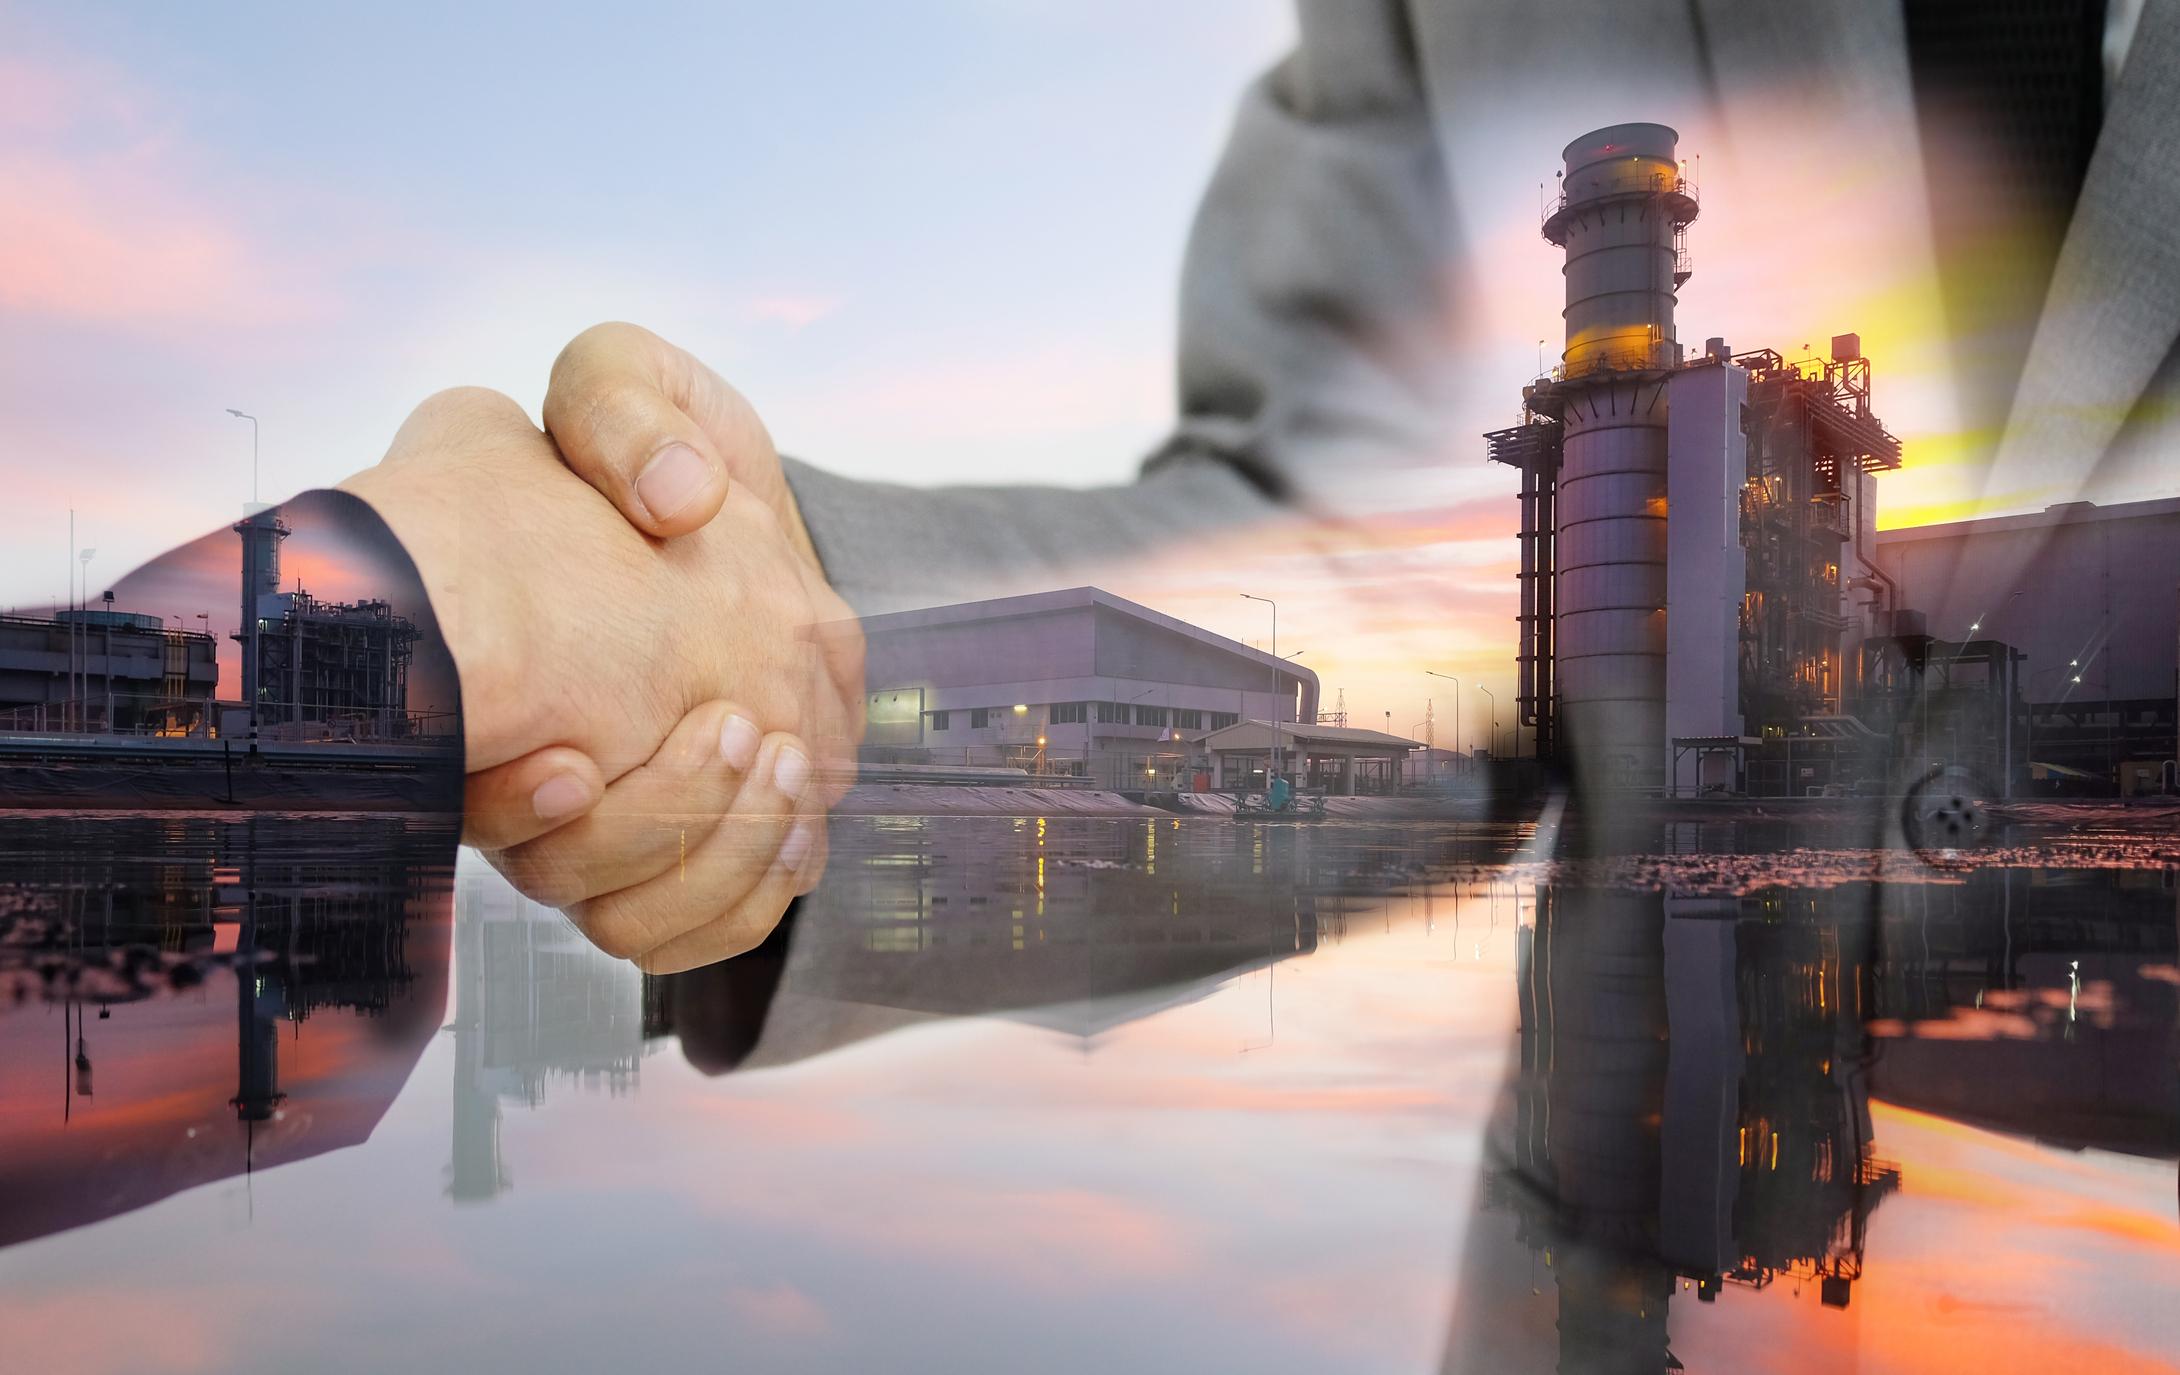 【インドネシア・2019年新卒】日本の製造業を支えてきた、超硬工具メーカー。将来のインドネシアのマネージャー募集!